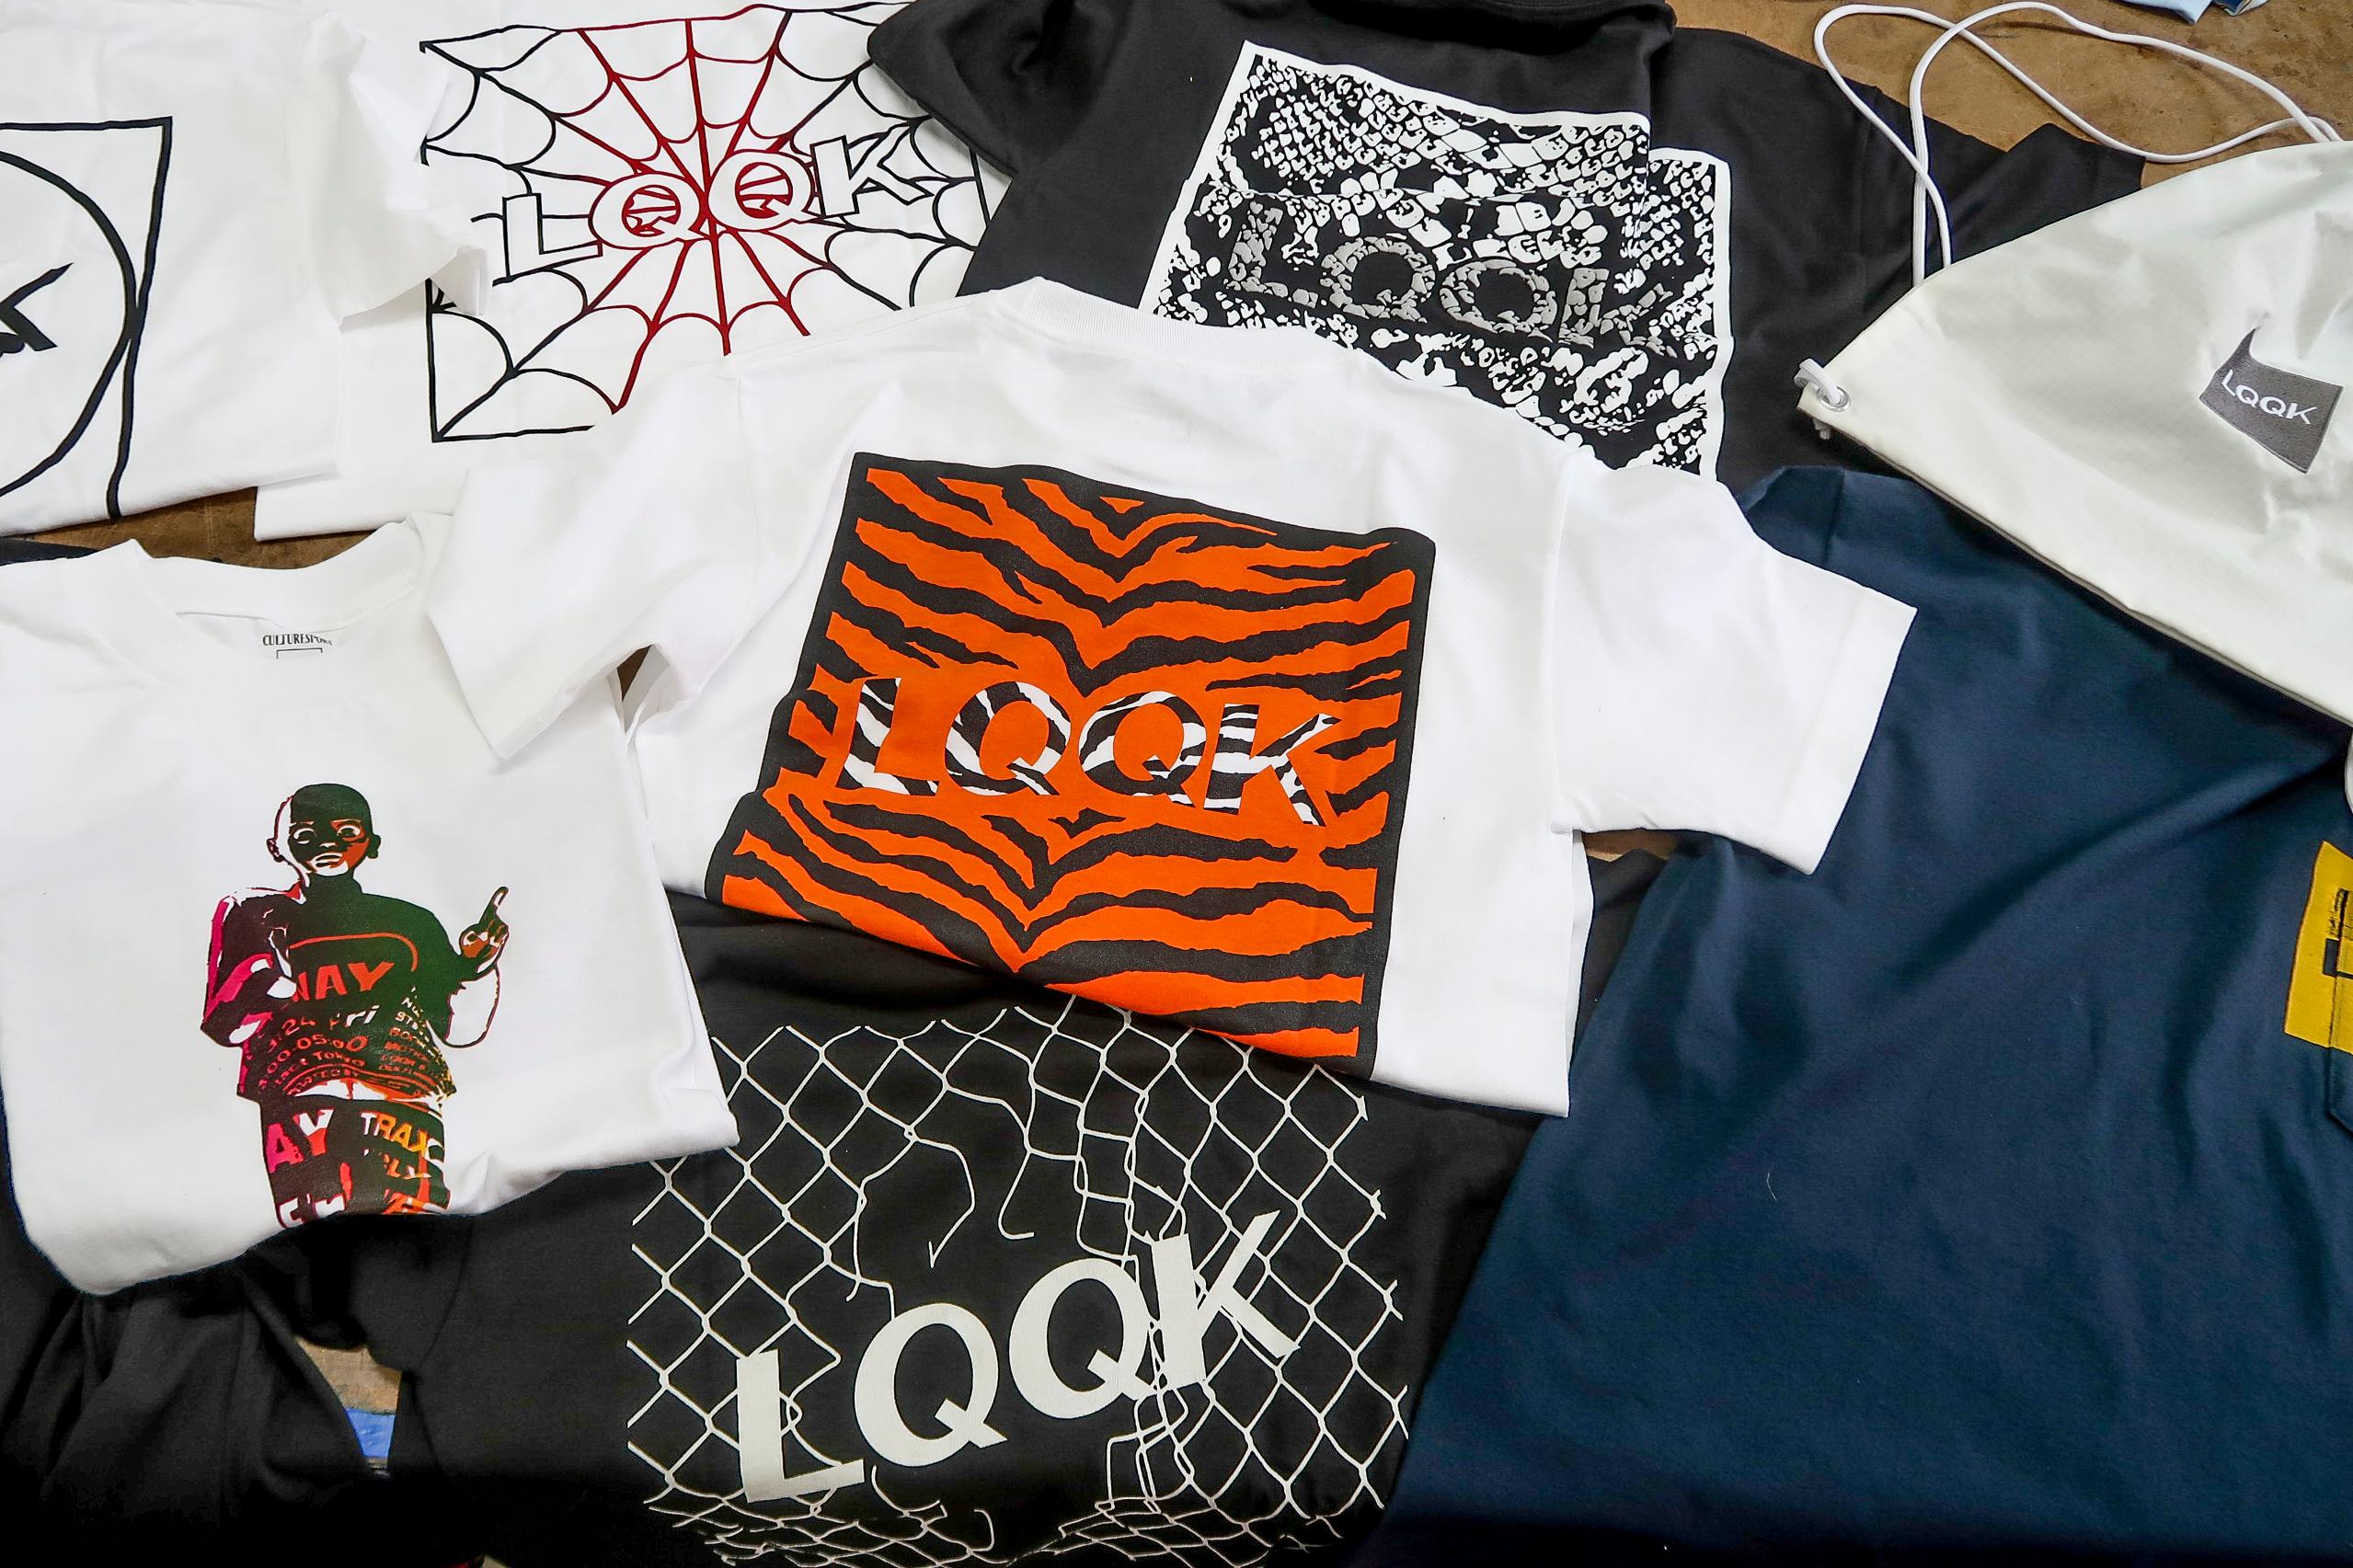 LQQK Studio